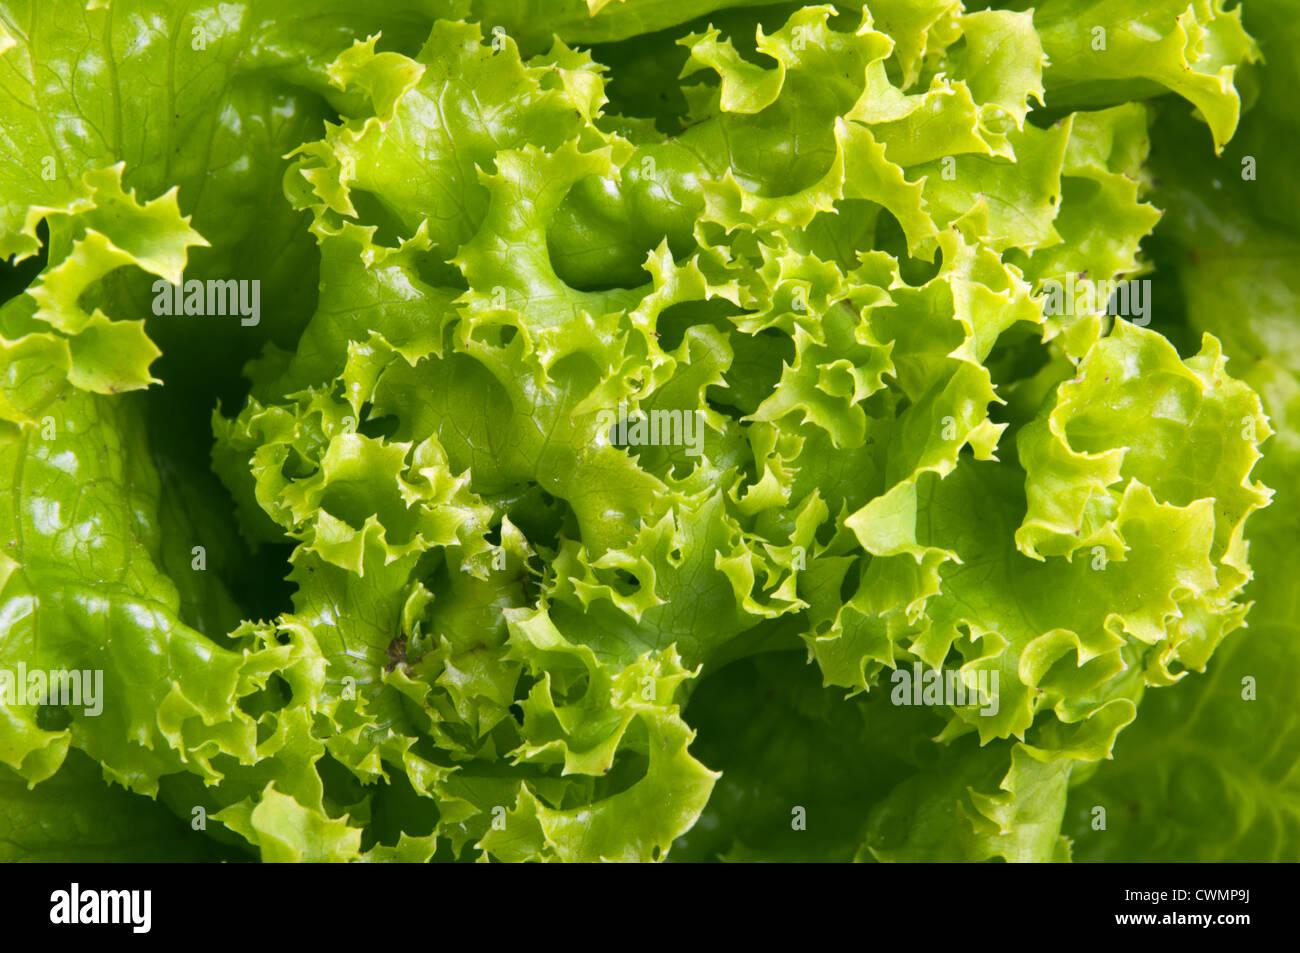 fresh salad lettuce background - Stock Image